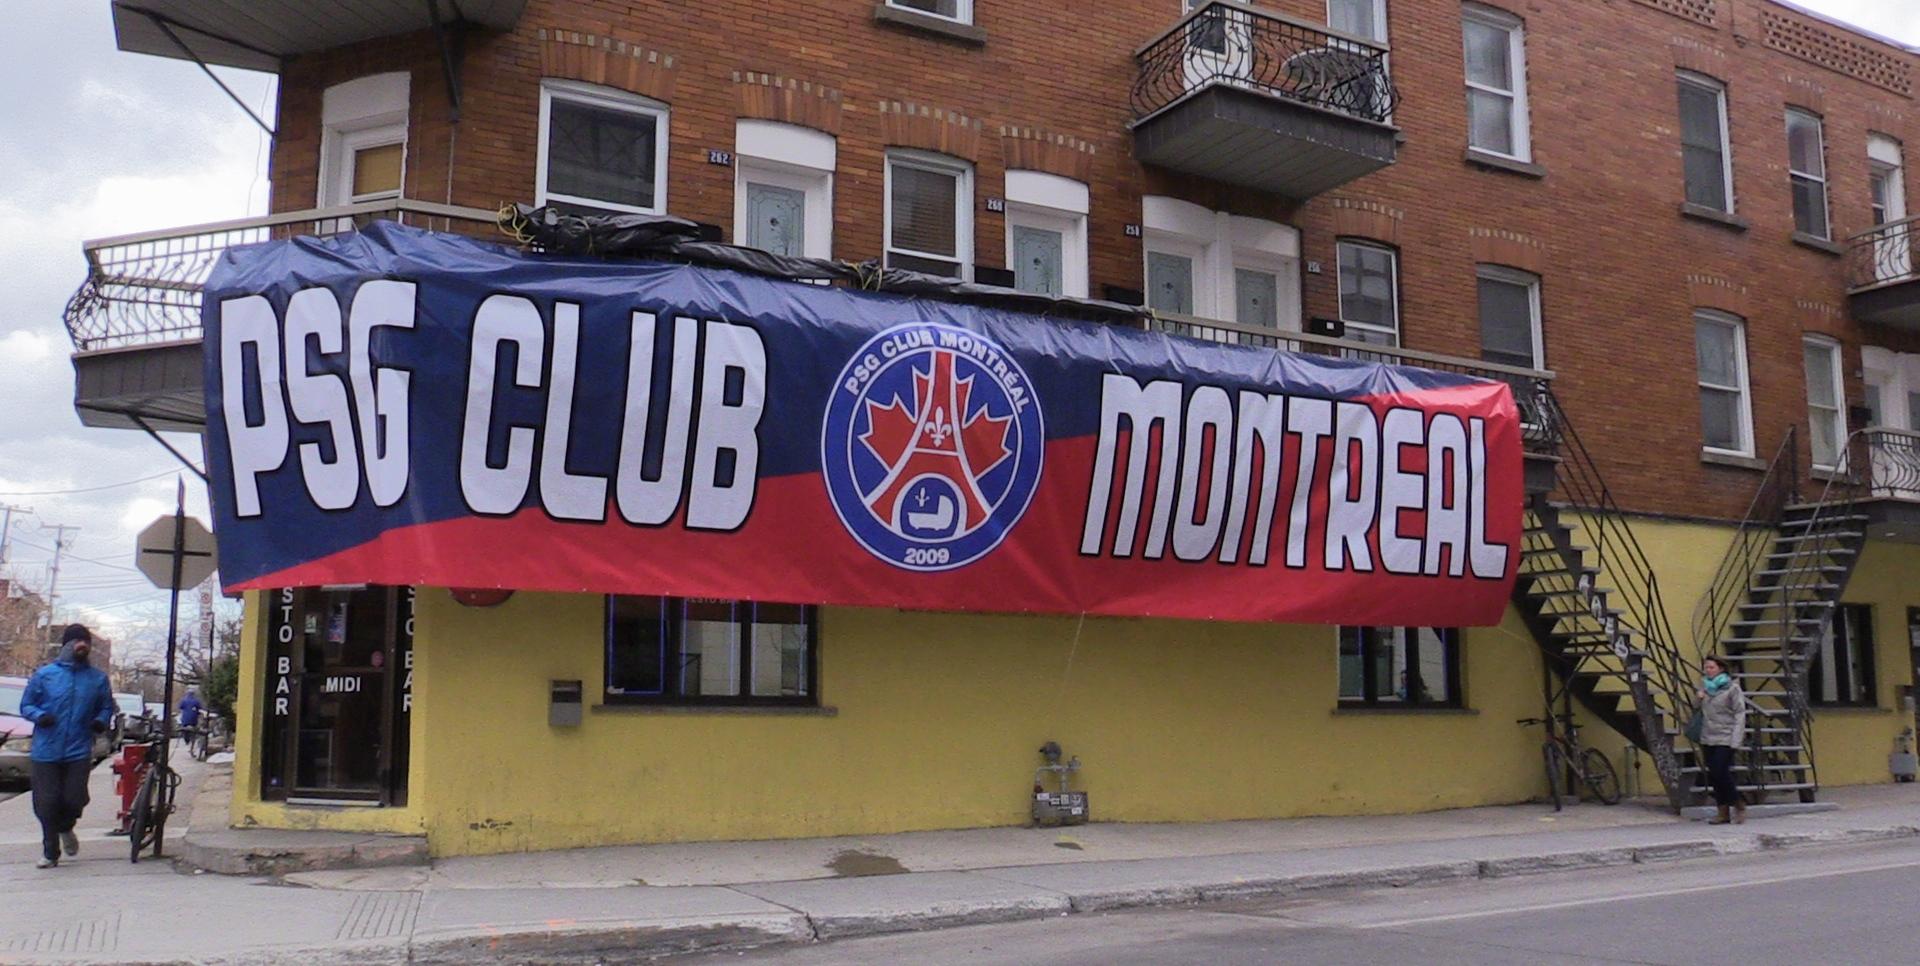 Réal Madrid vs Paris-Saint-Germain, le match retour à Montréal